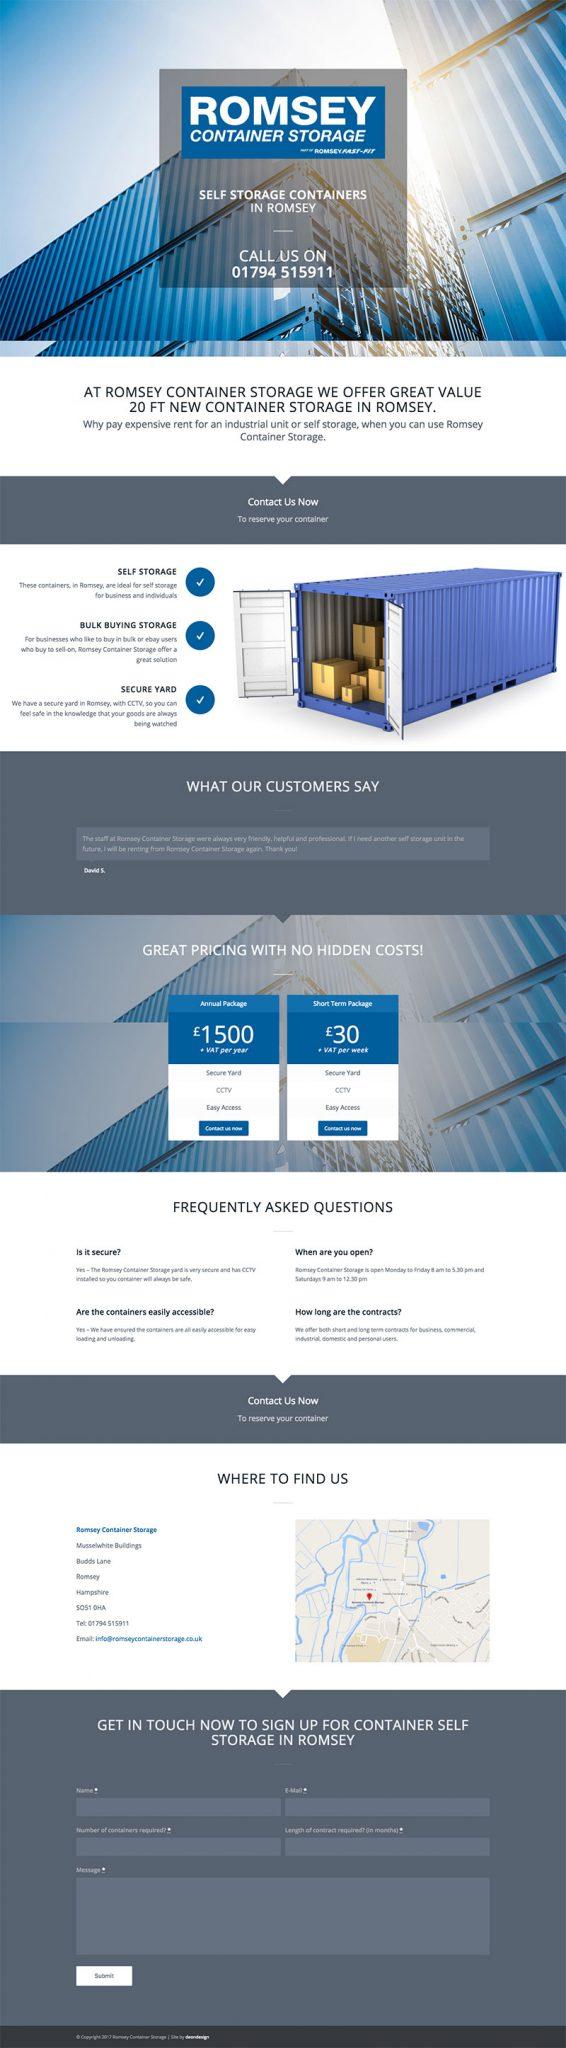 website-design-romsey-container-storage-full